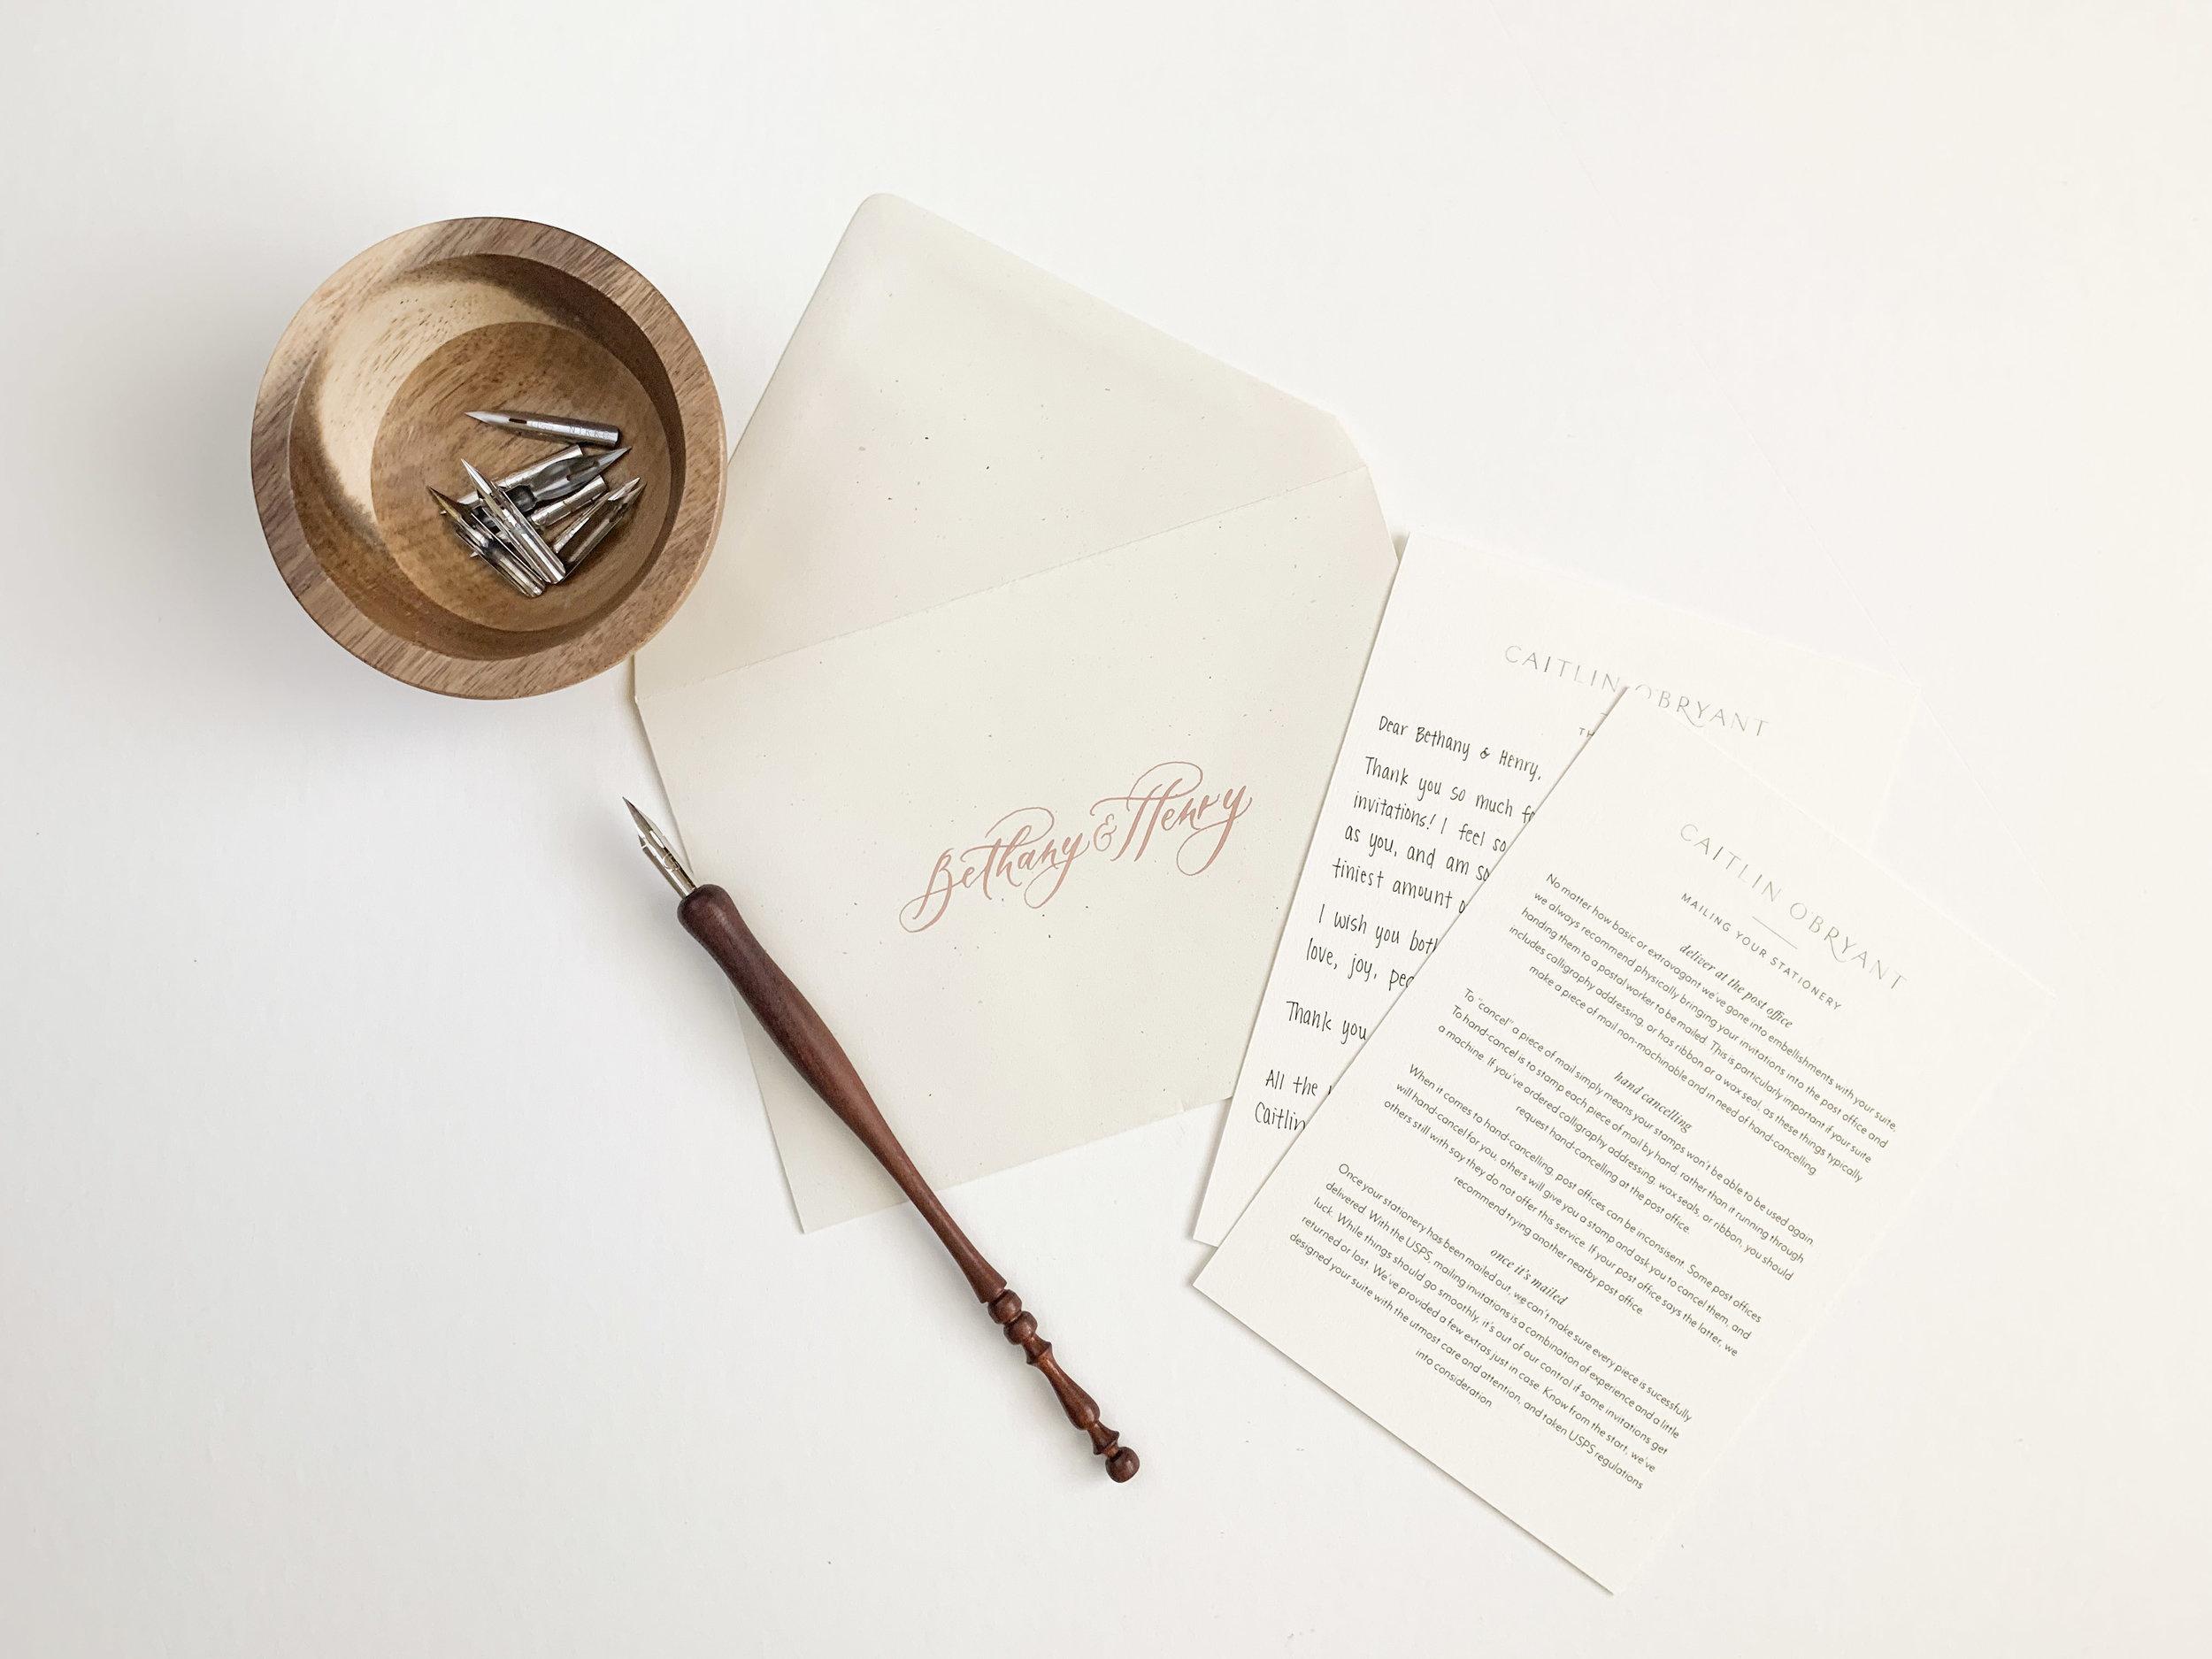 Behind the Scenes: Packaging Wedding Invitations. A behind the scenes look at how we package our custom and semi-custom luxury wedding invitations.